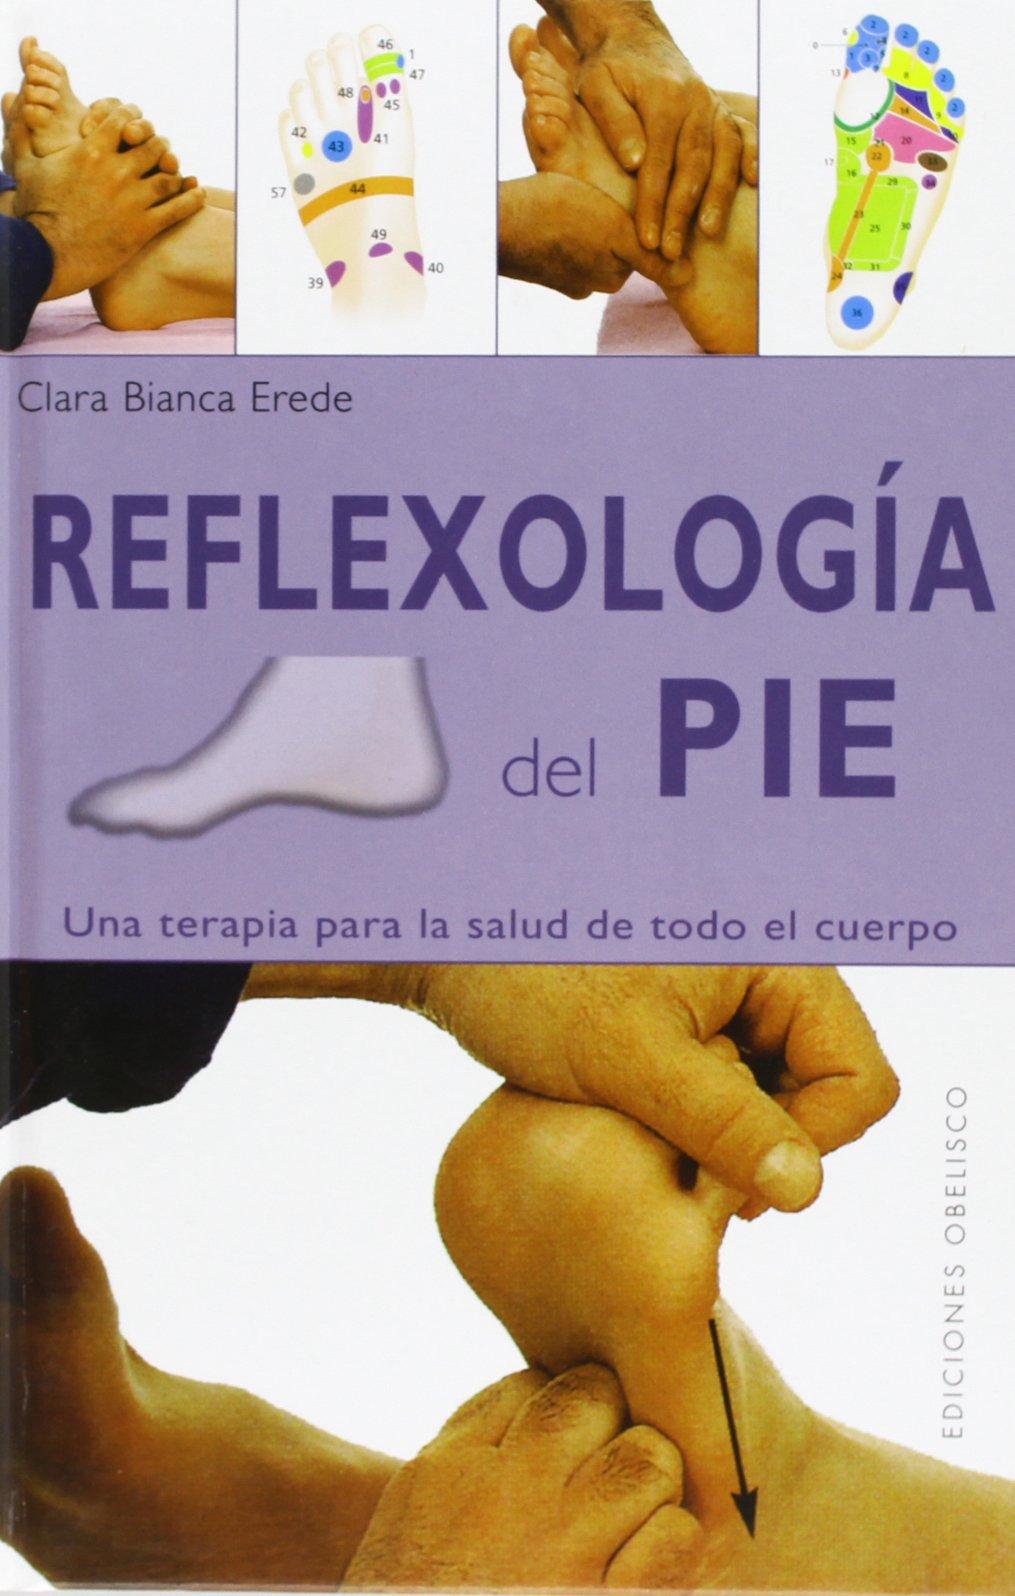 Download Reflexologia del pie (Spanish Edition) PDF